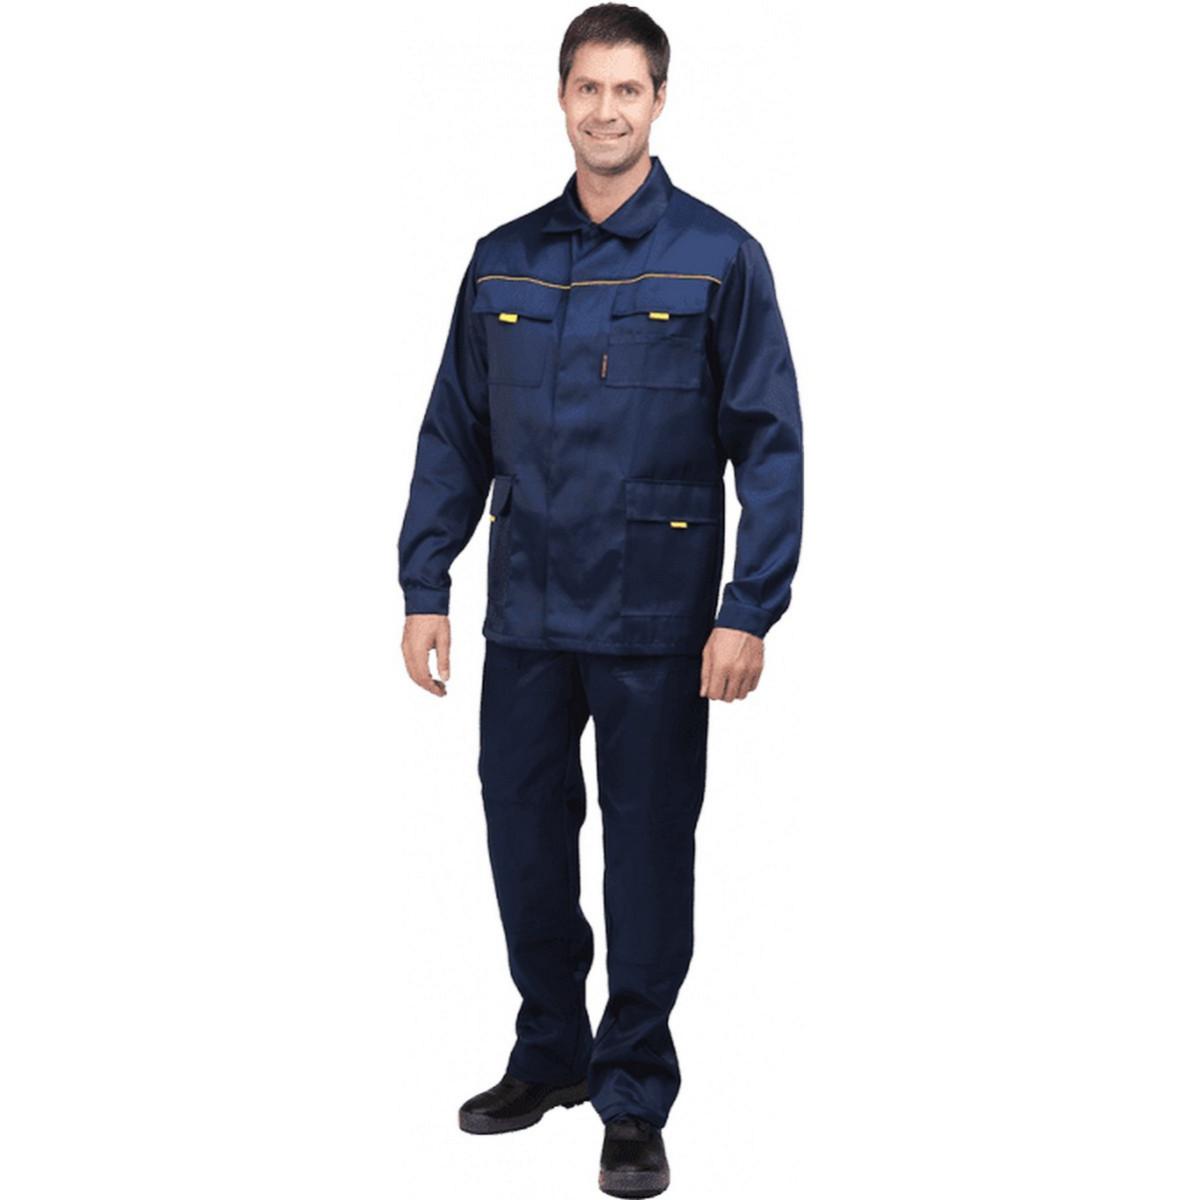 Костюм ВЫМПЕЛ-2 т/синий (куртка+п/к)  (разм. 112-116 рост 182-188)